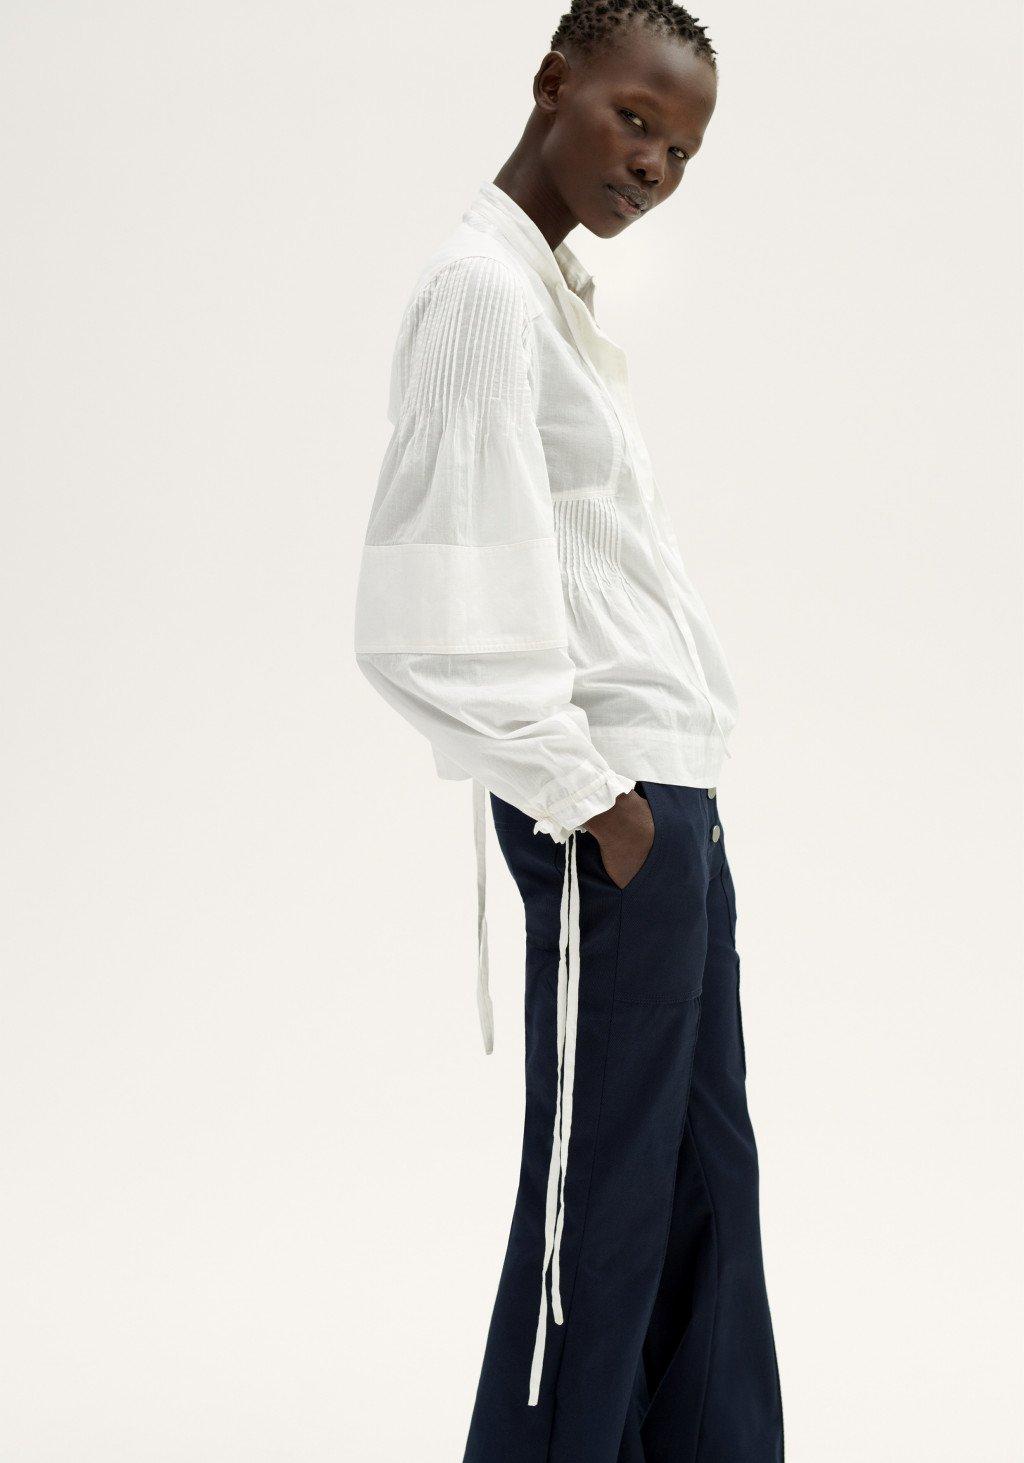 Japoński minimalizm w najnowszej kolekcji H&M Studio